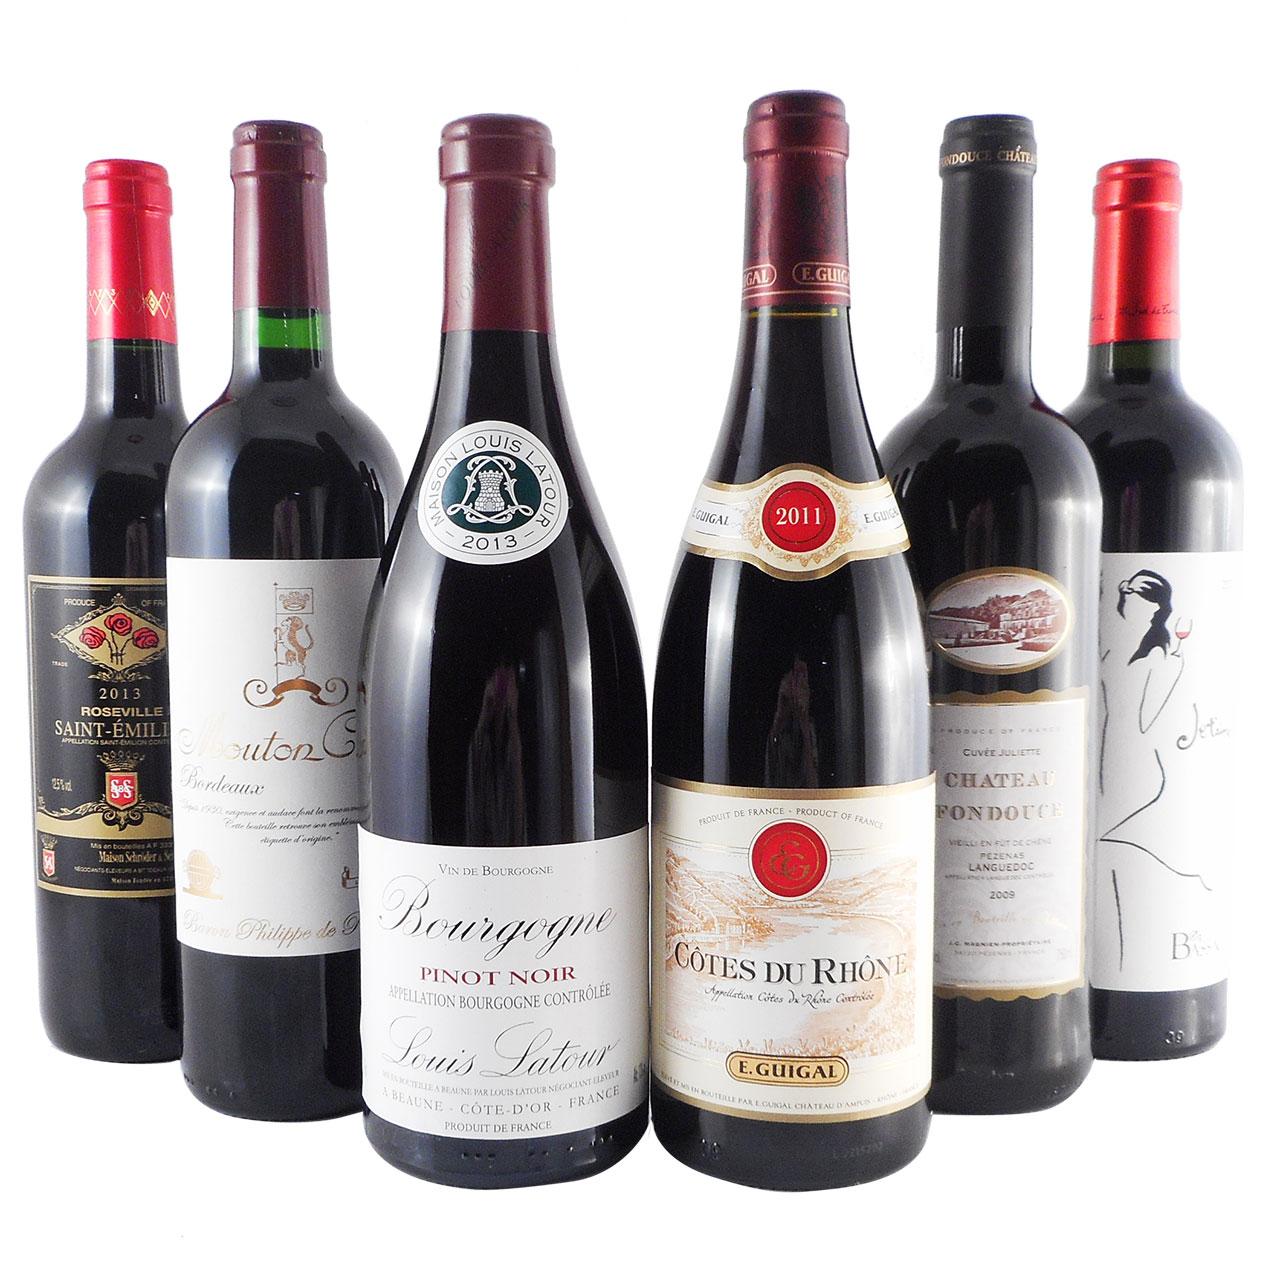 【ラッキーシール対応】母の日 ギフト ワインセット フランス 赤ワイン フルボディ チーズと楽しむ 6本セット 赤ワイン 送料無料 コンビニ受取対応商品 飲み比べセット